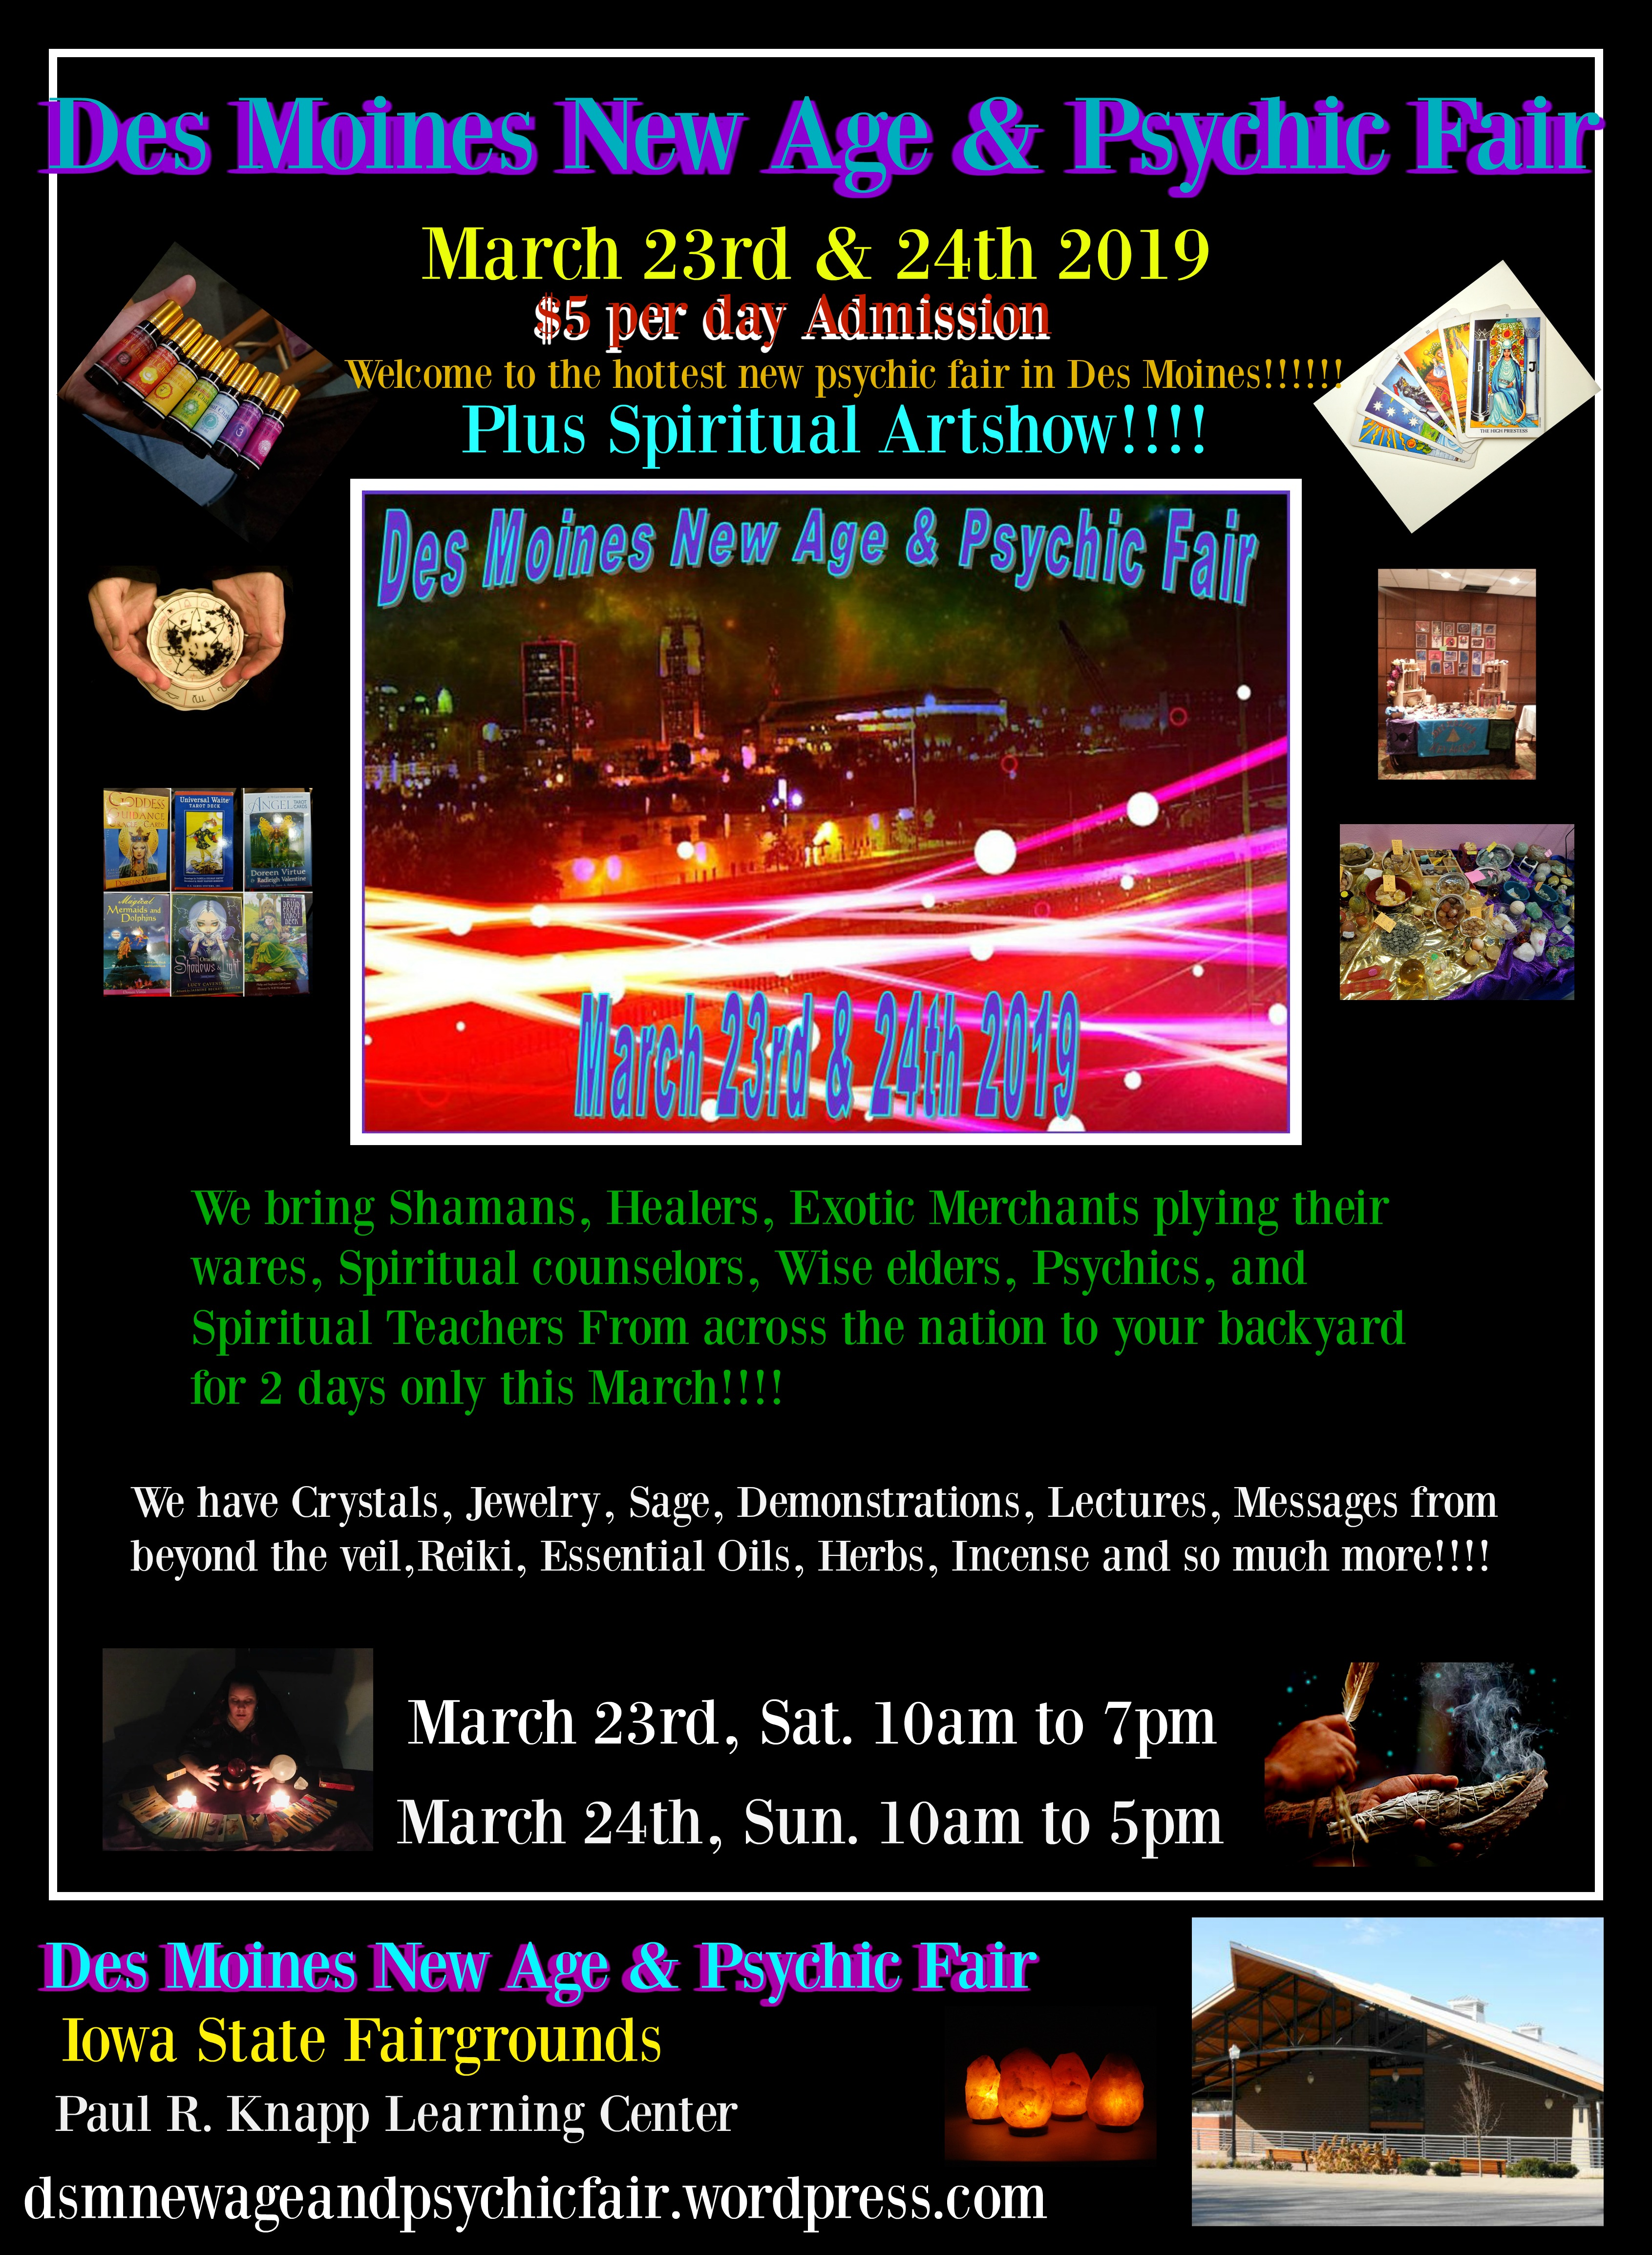 Des Moines New Age & Psychic Fair